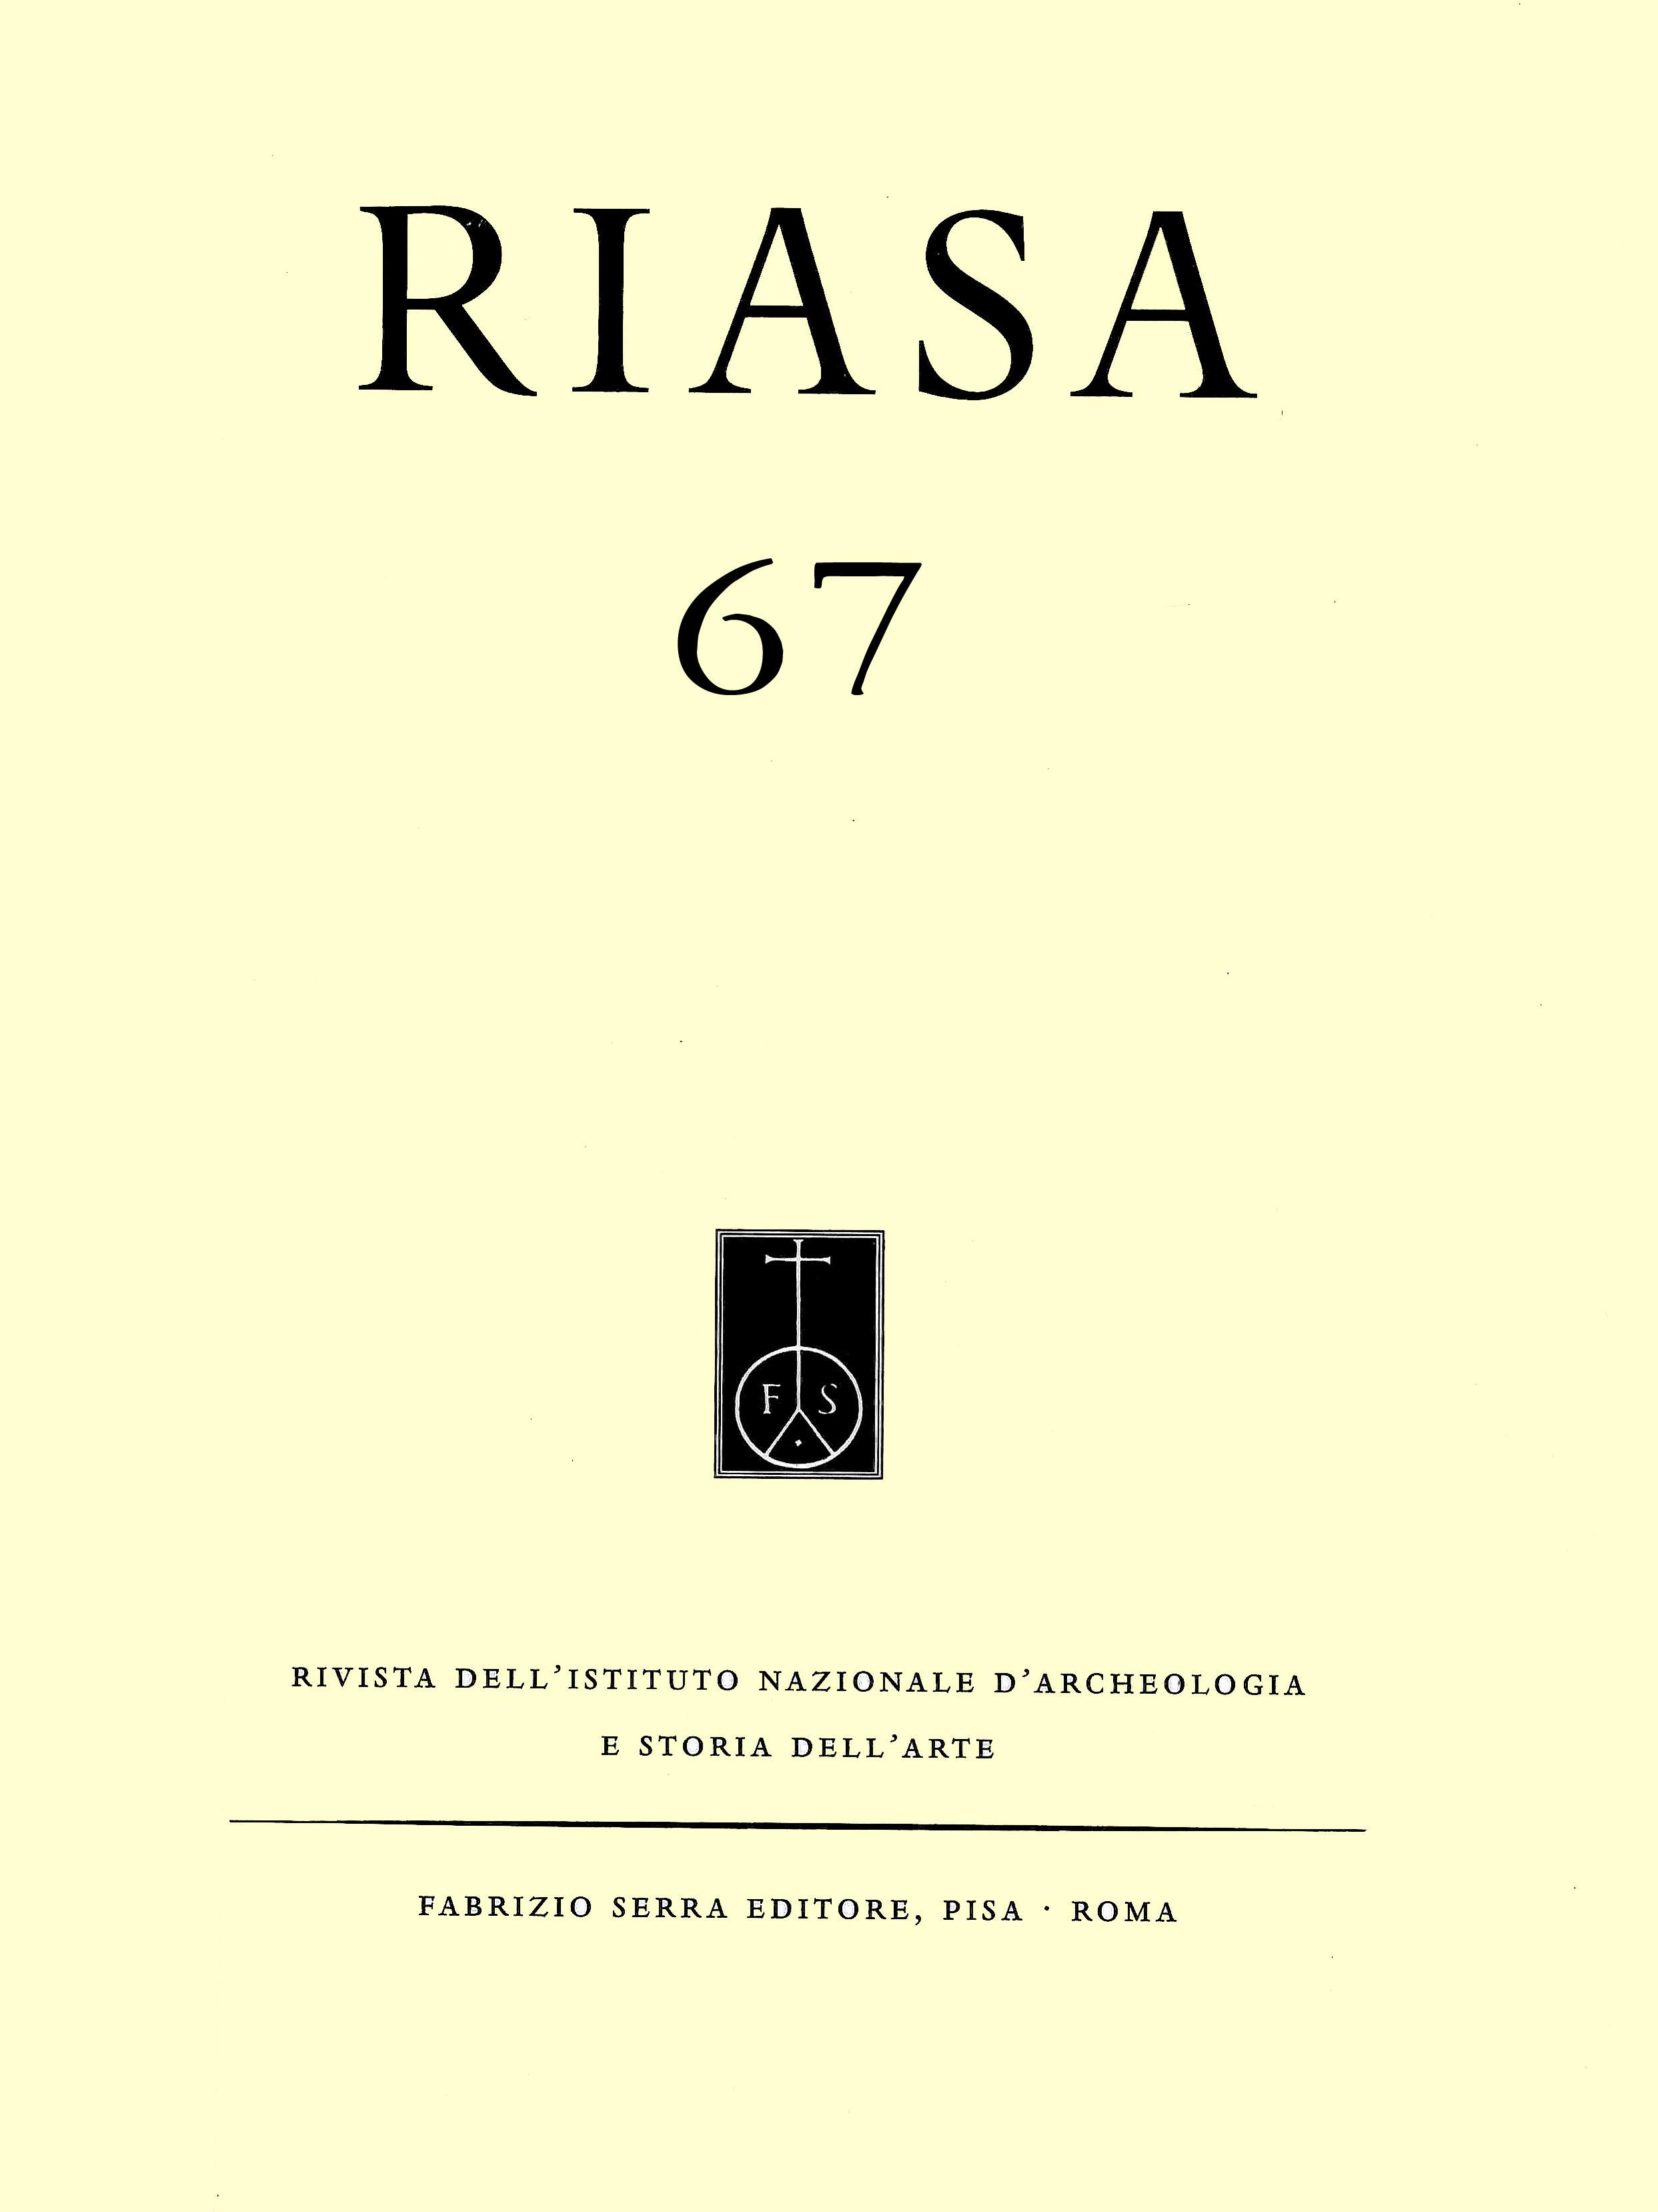 RIASA 67